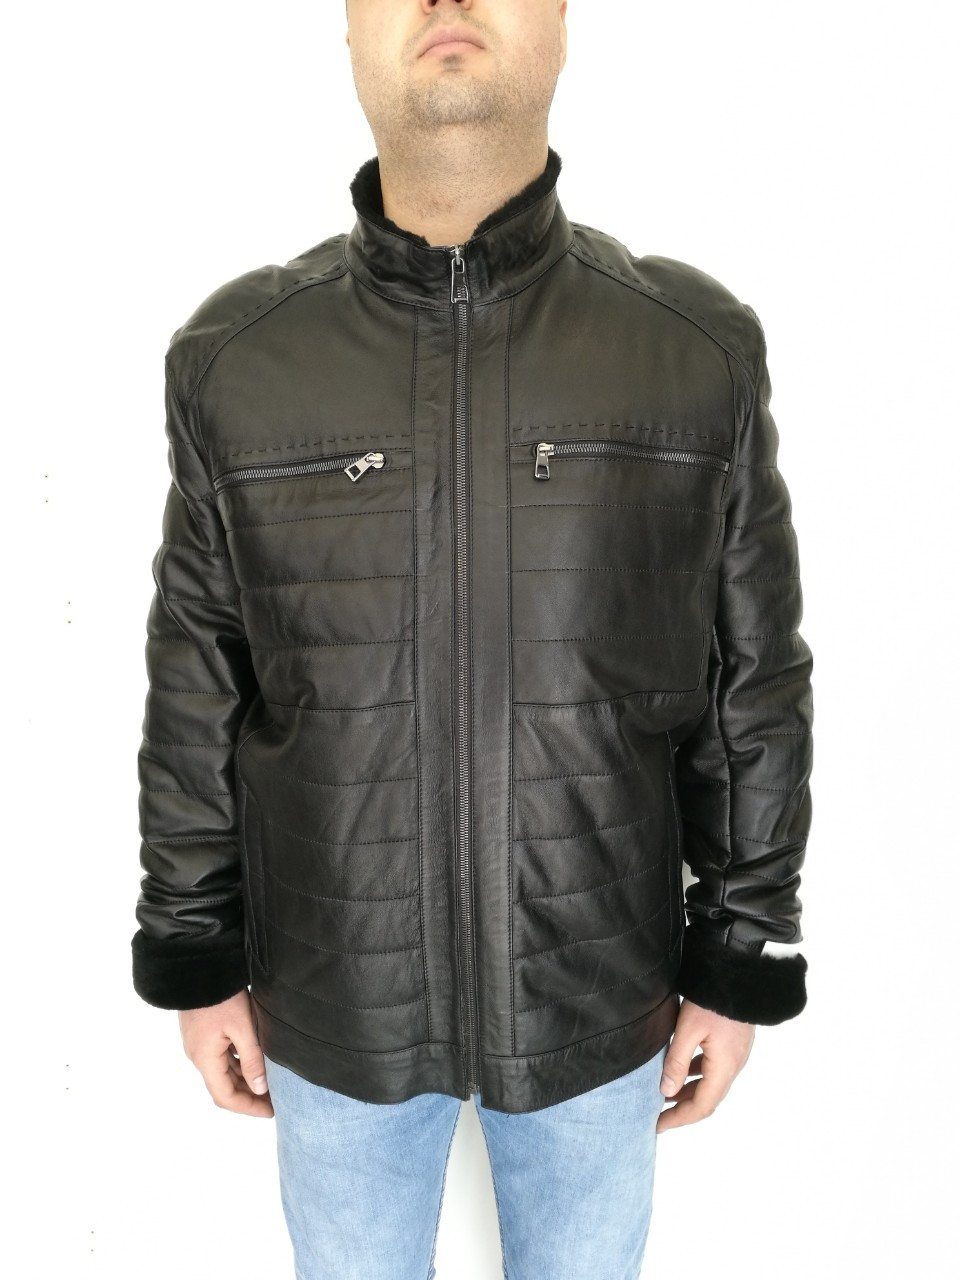 Дубленка мужская натуральная (на молнии) с декоративными строчками (стеганая)/  sheepskin coat for men 350